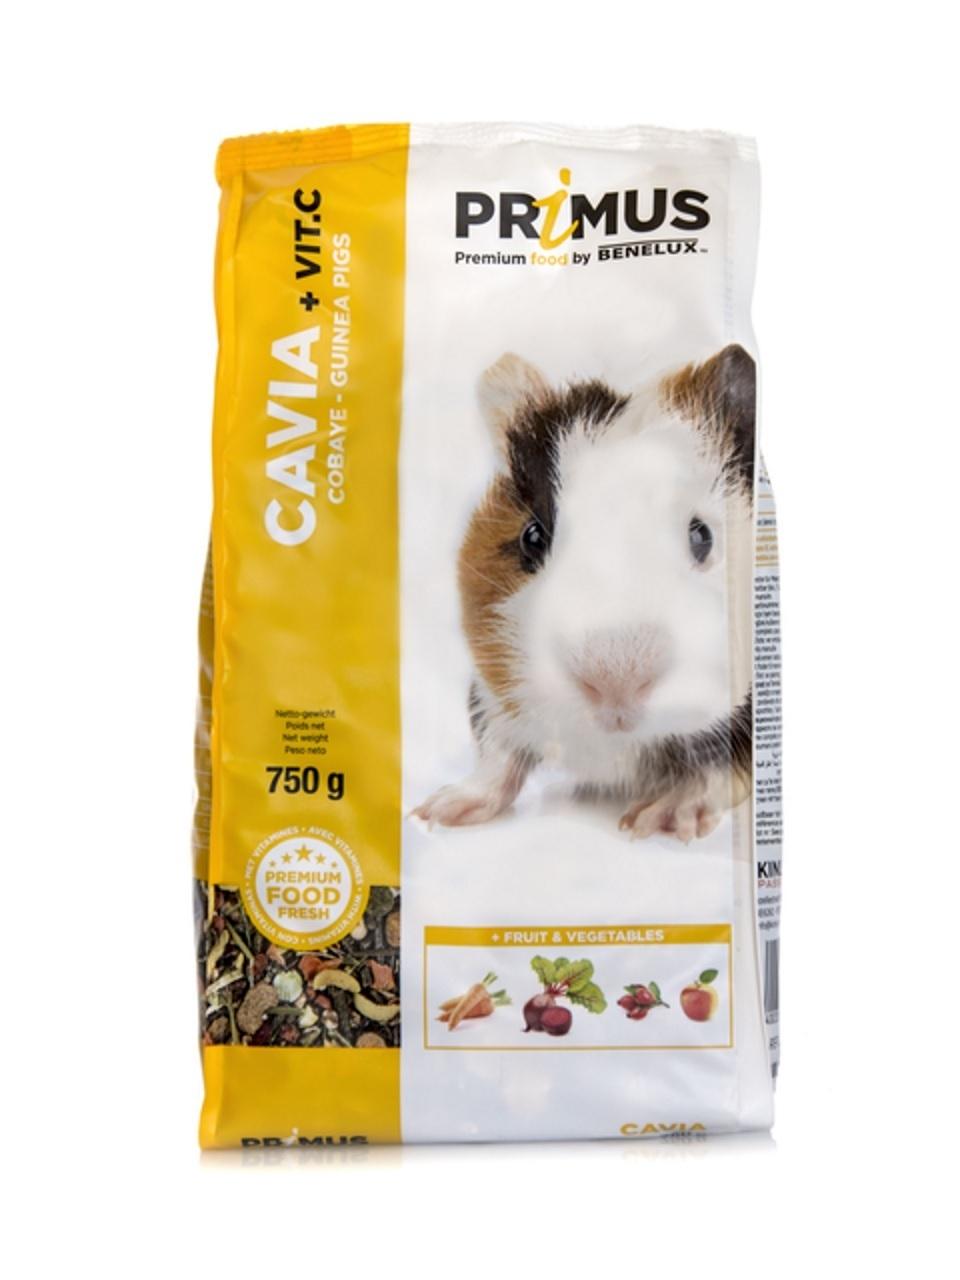 Benelux корма Корм для морских свинок с Витамином С Премиум (Primus cavie + vit c. Premium) 32512 (PRIMUS CAVIA 2500G) 32512, 2,500 кг, 30007